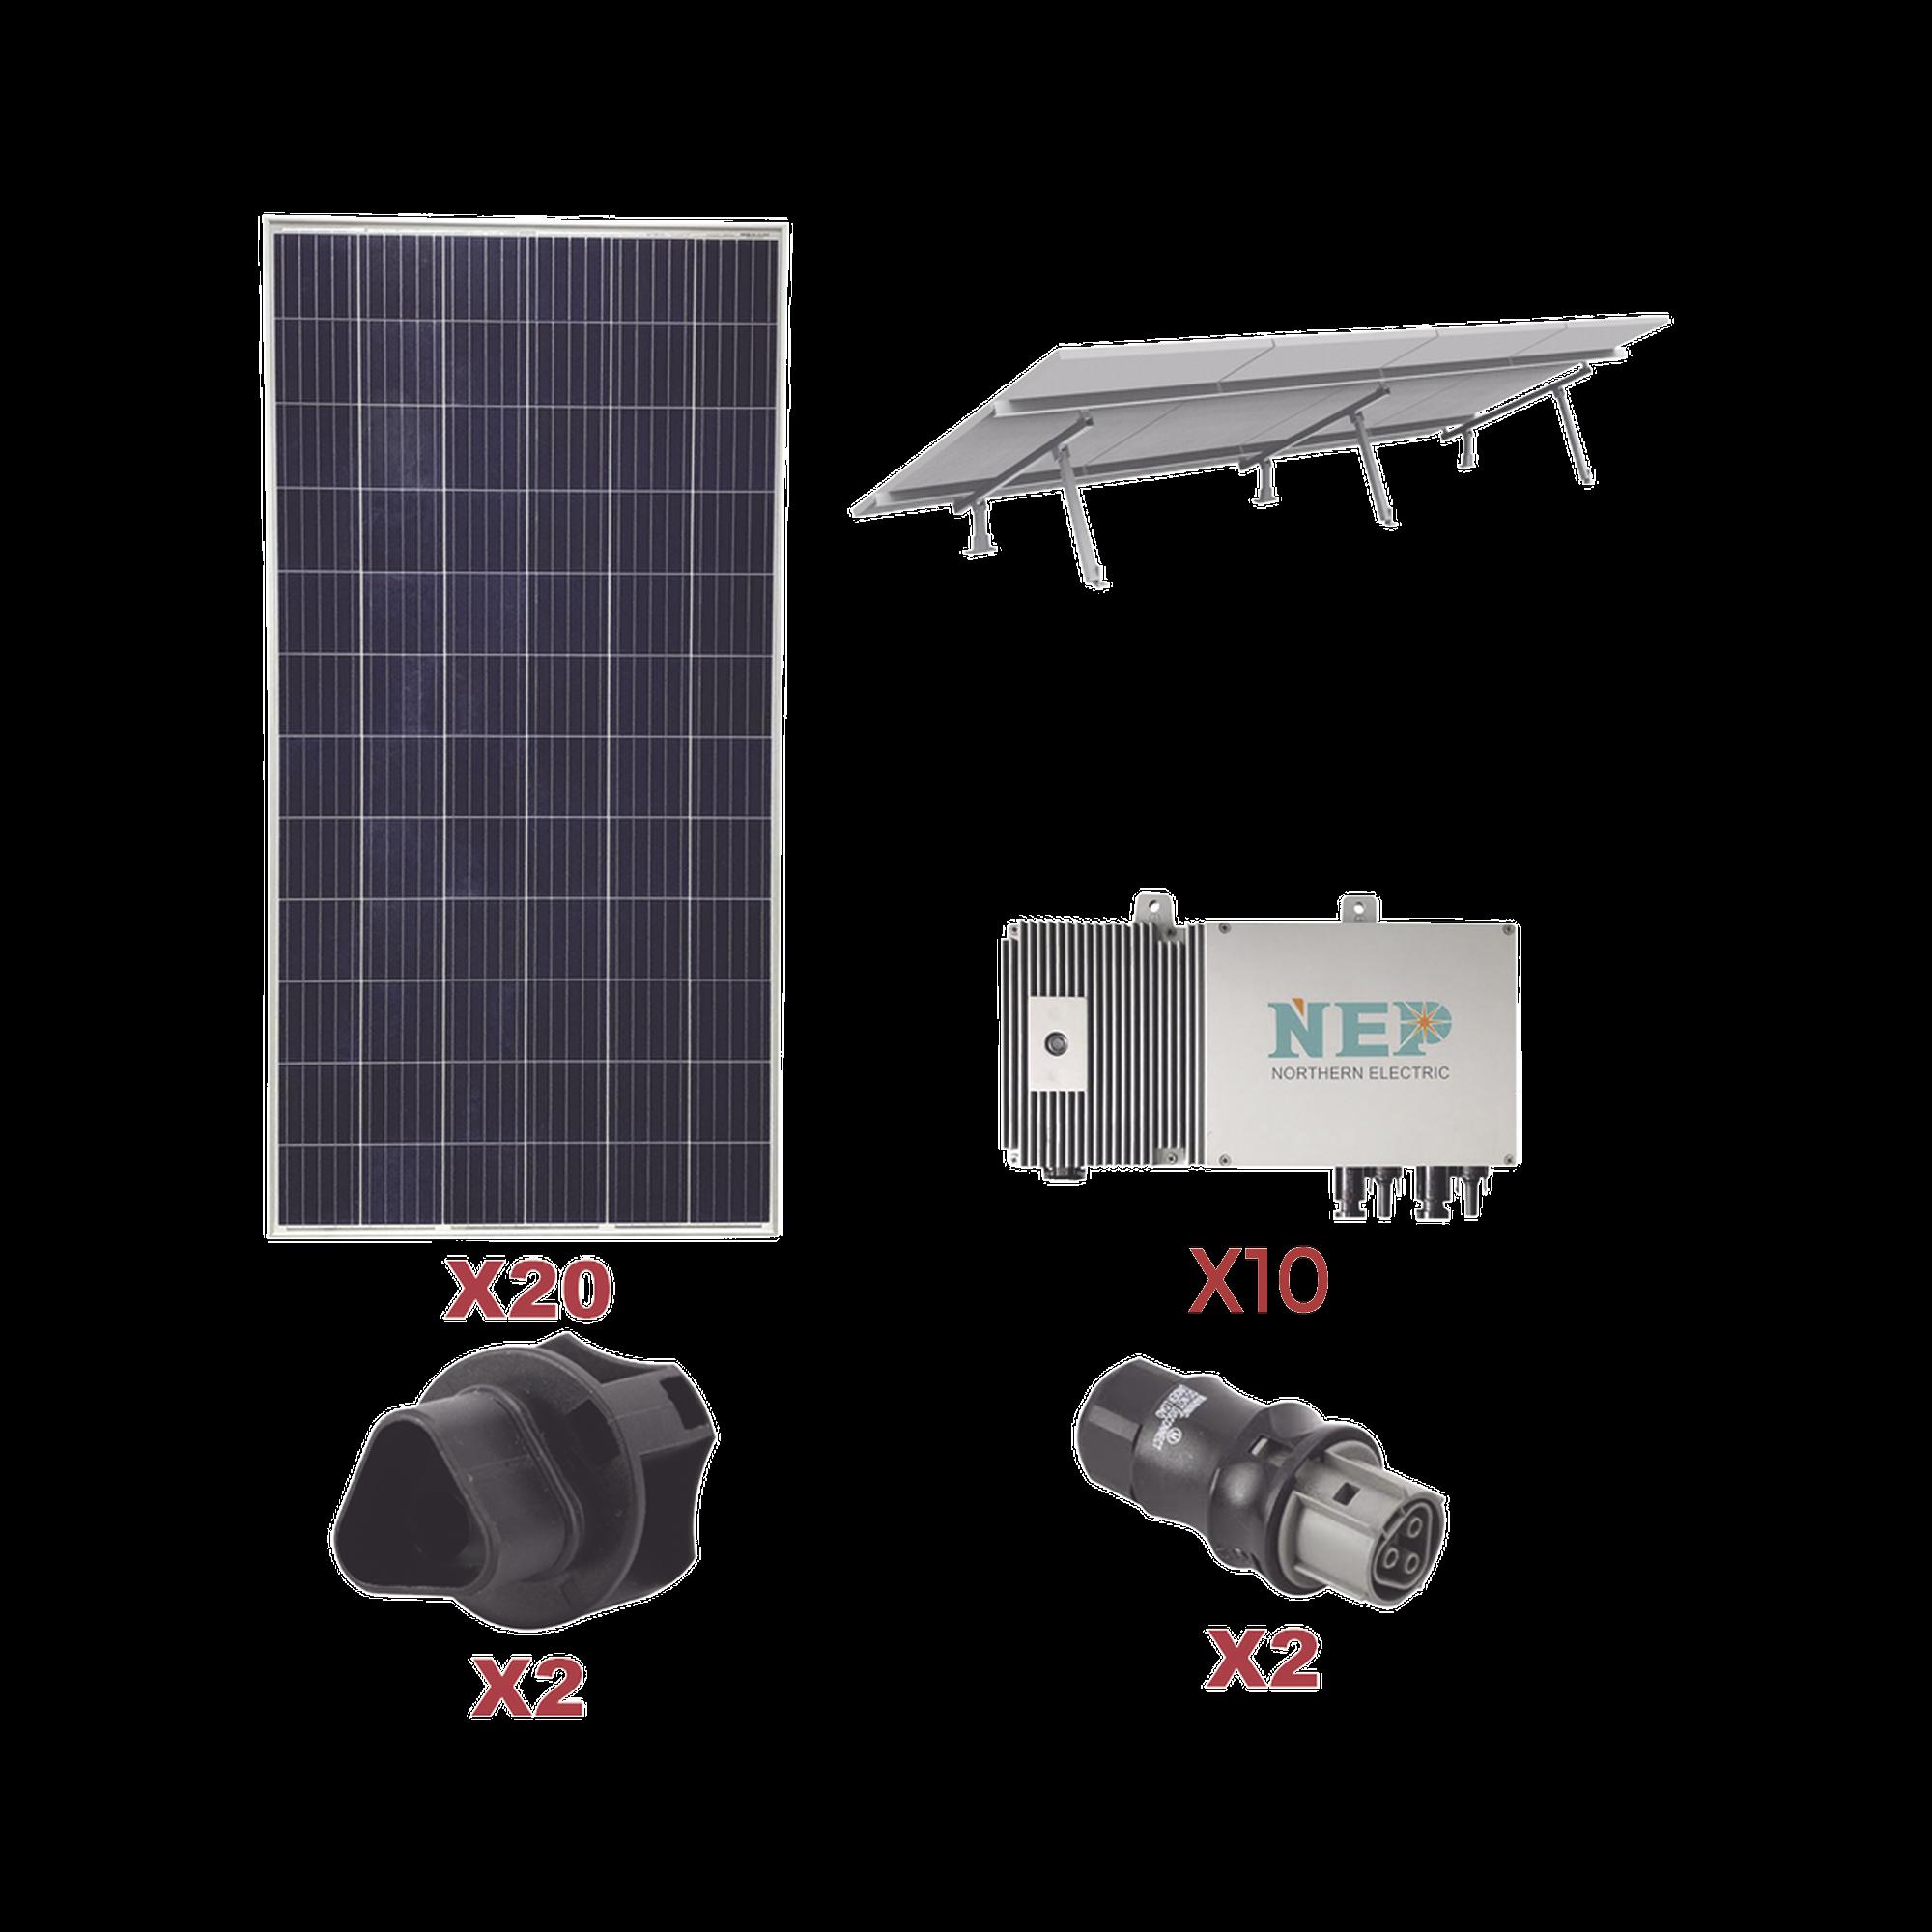 Kit Solar para interconexión de 5.5 kW de Potencia, 110 Vca con Micro Inversores y Paneles Policristalinos